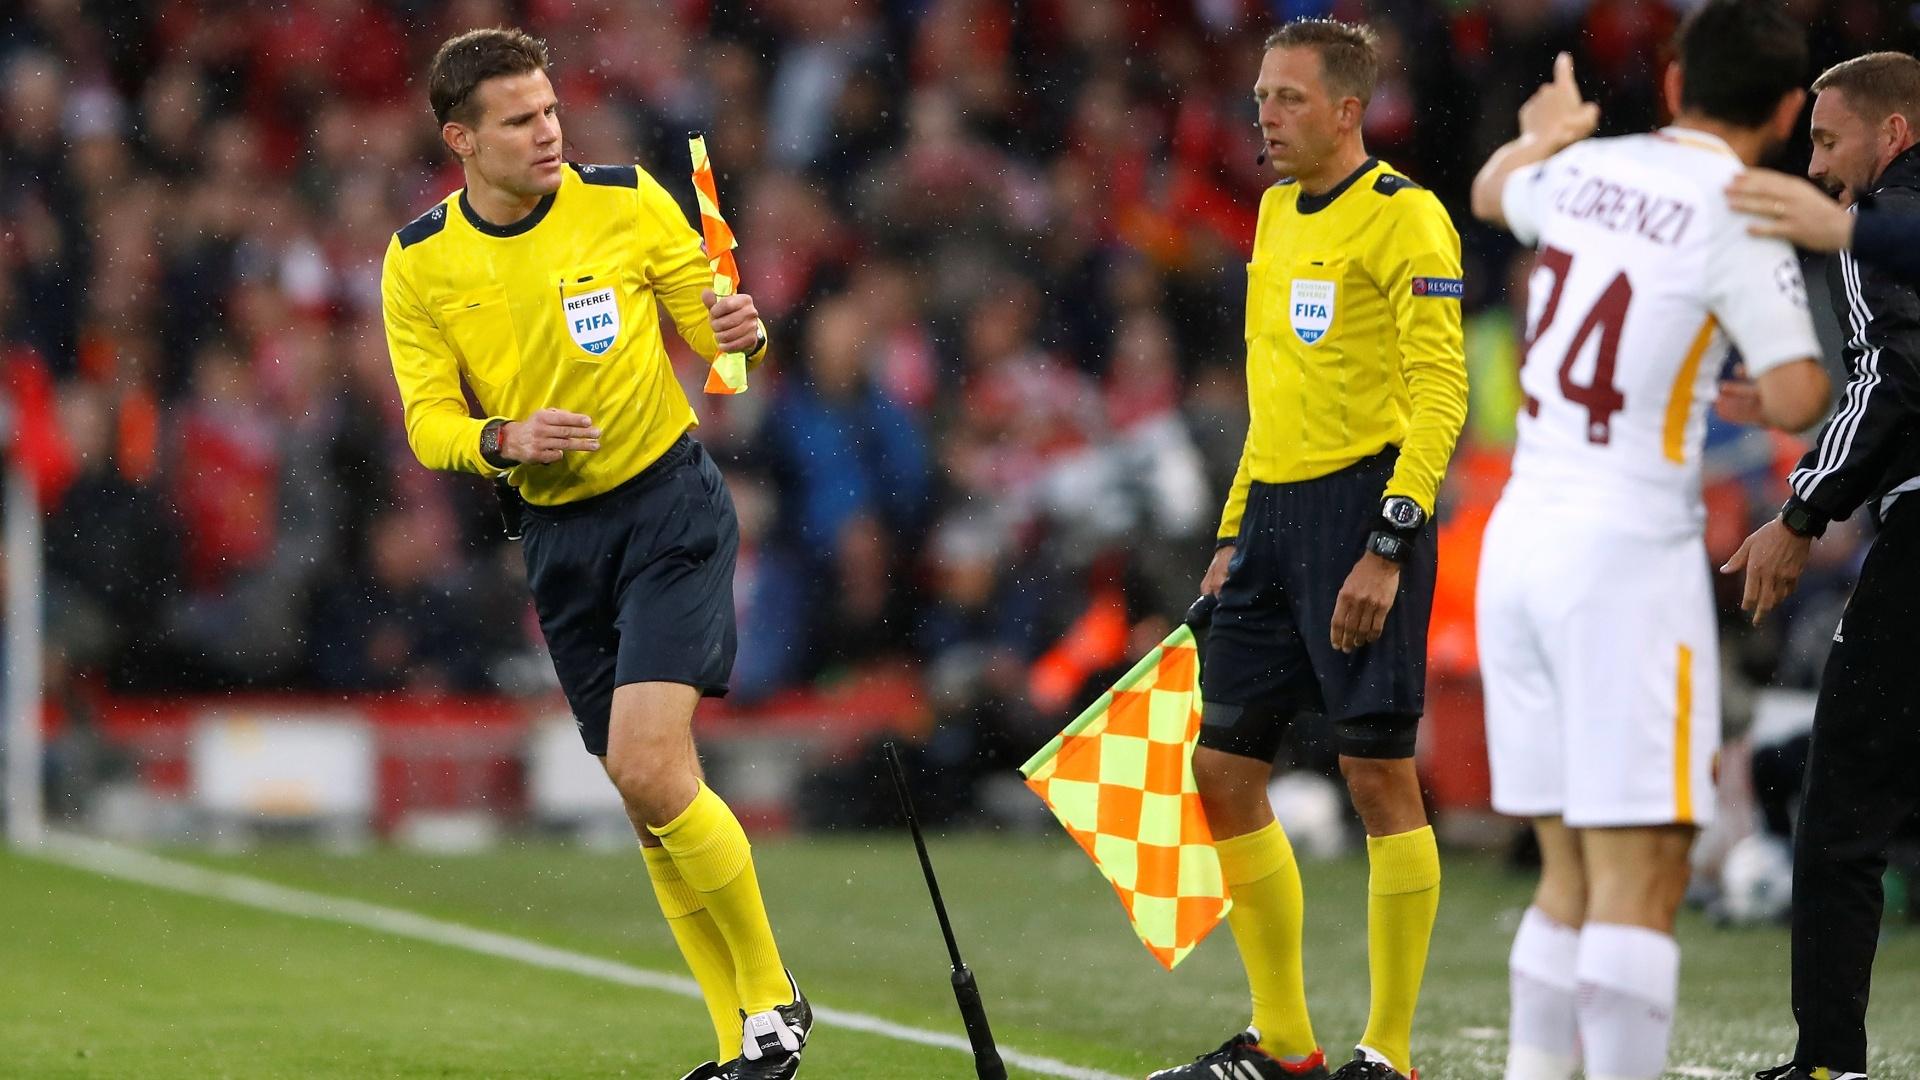 Bandeirinha quebrada durante a partida entre Liverpool e Roma